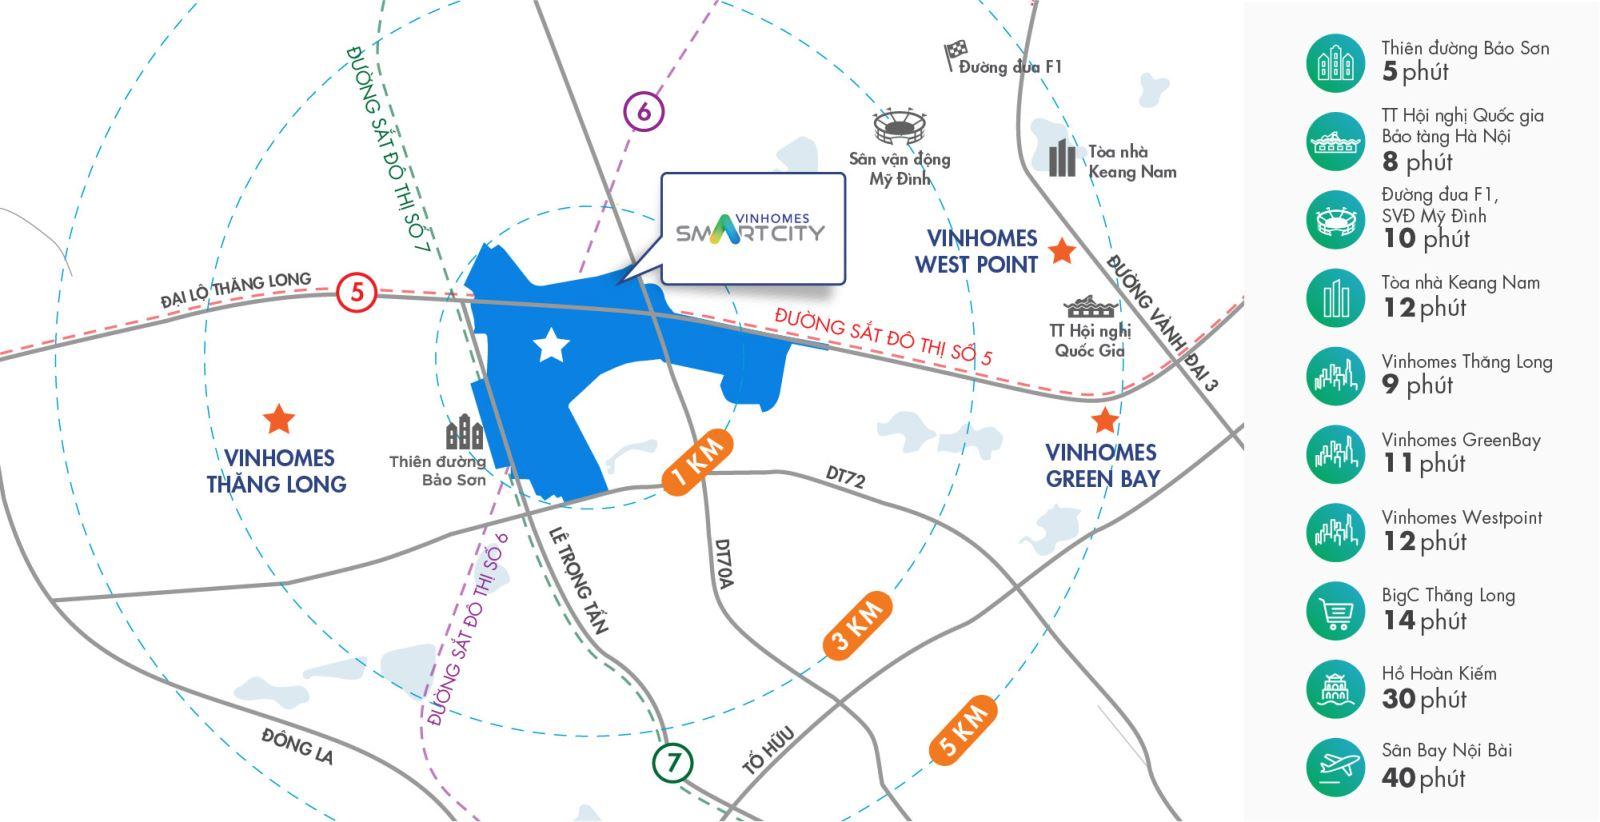 5 dự án chung cư mở bán tại Nam Từ Liêm, Hà Nội - Ảnh 1.